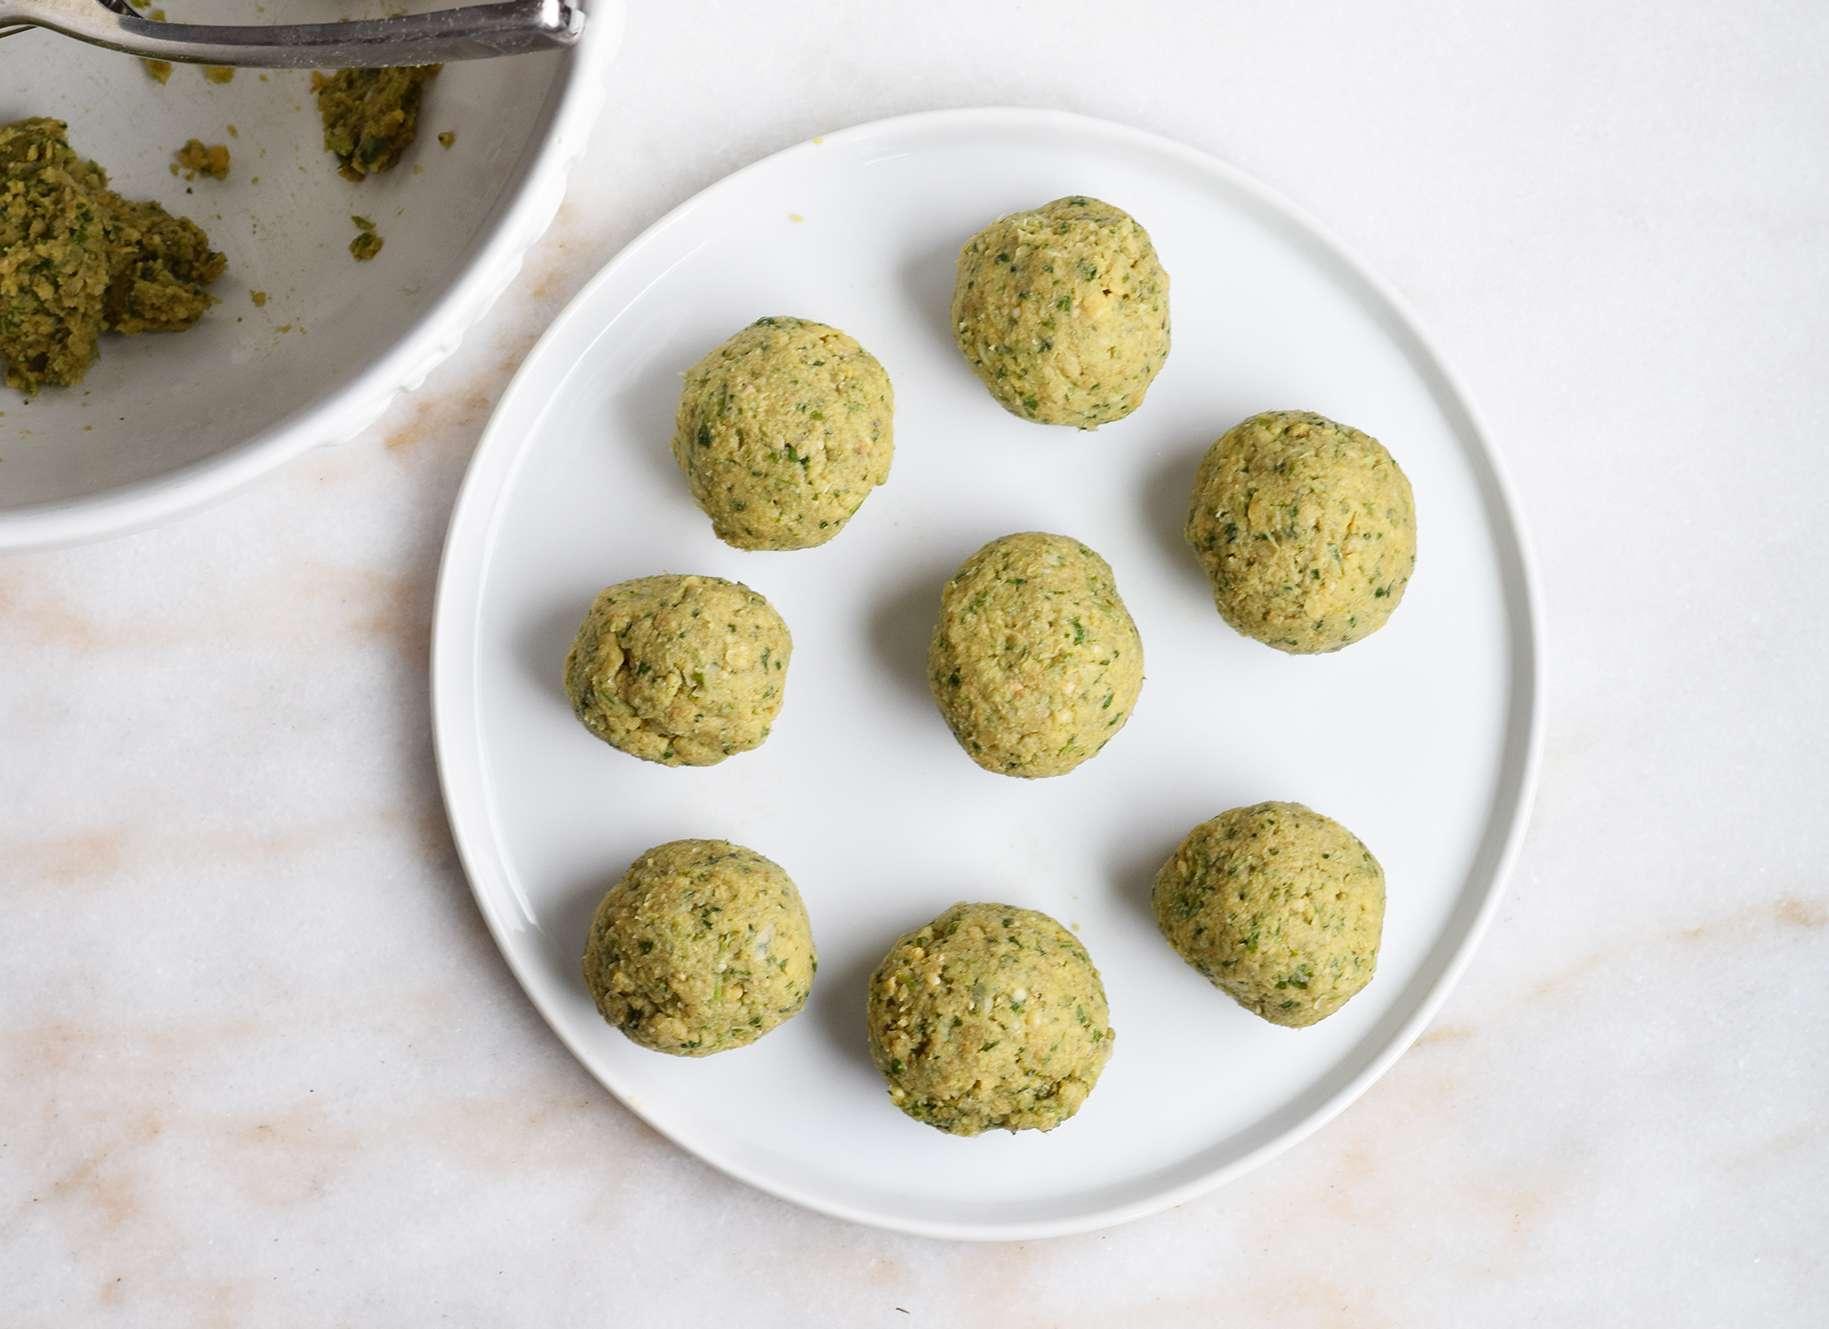 falafel balls formed on a plate